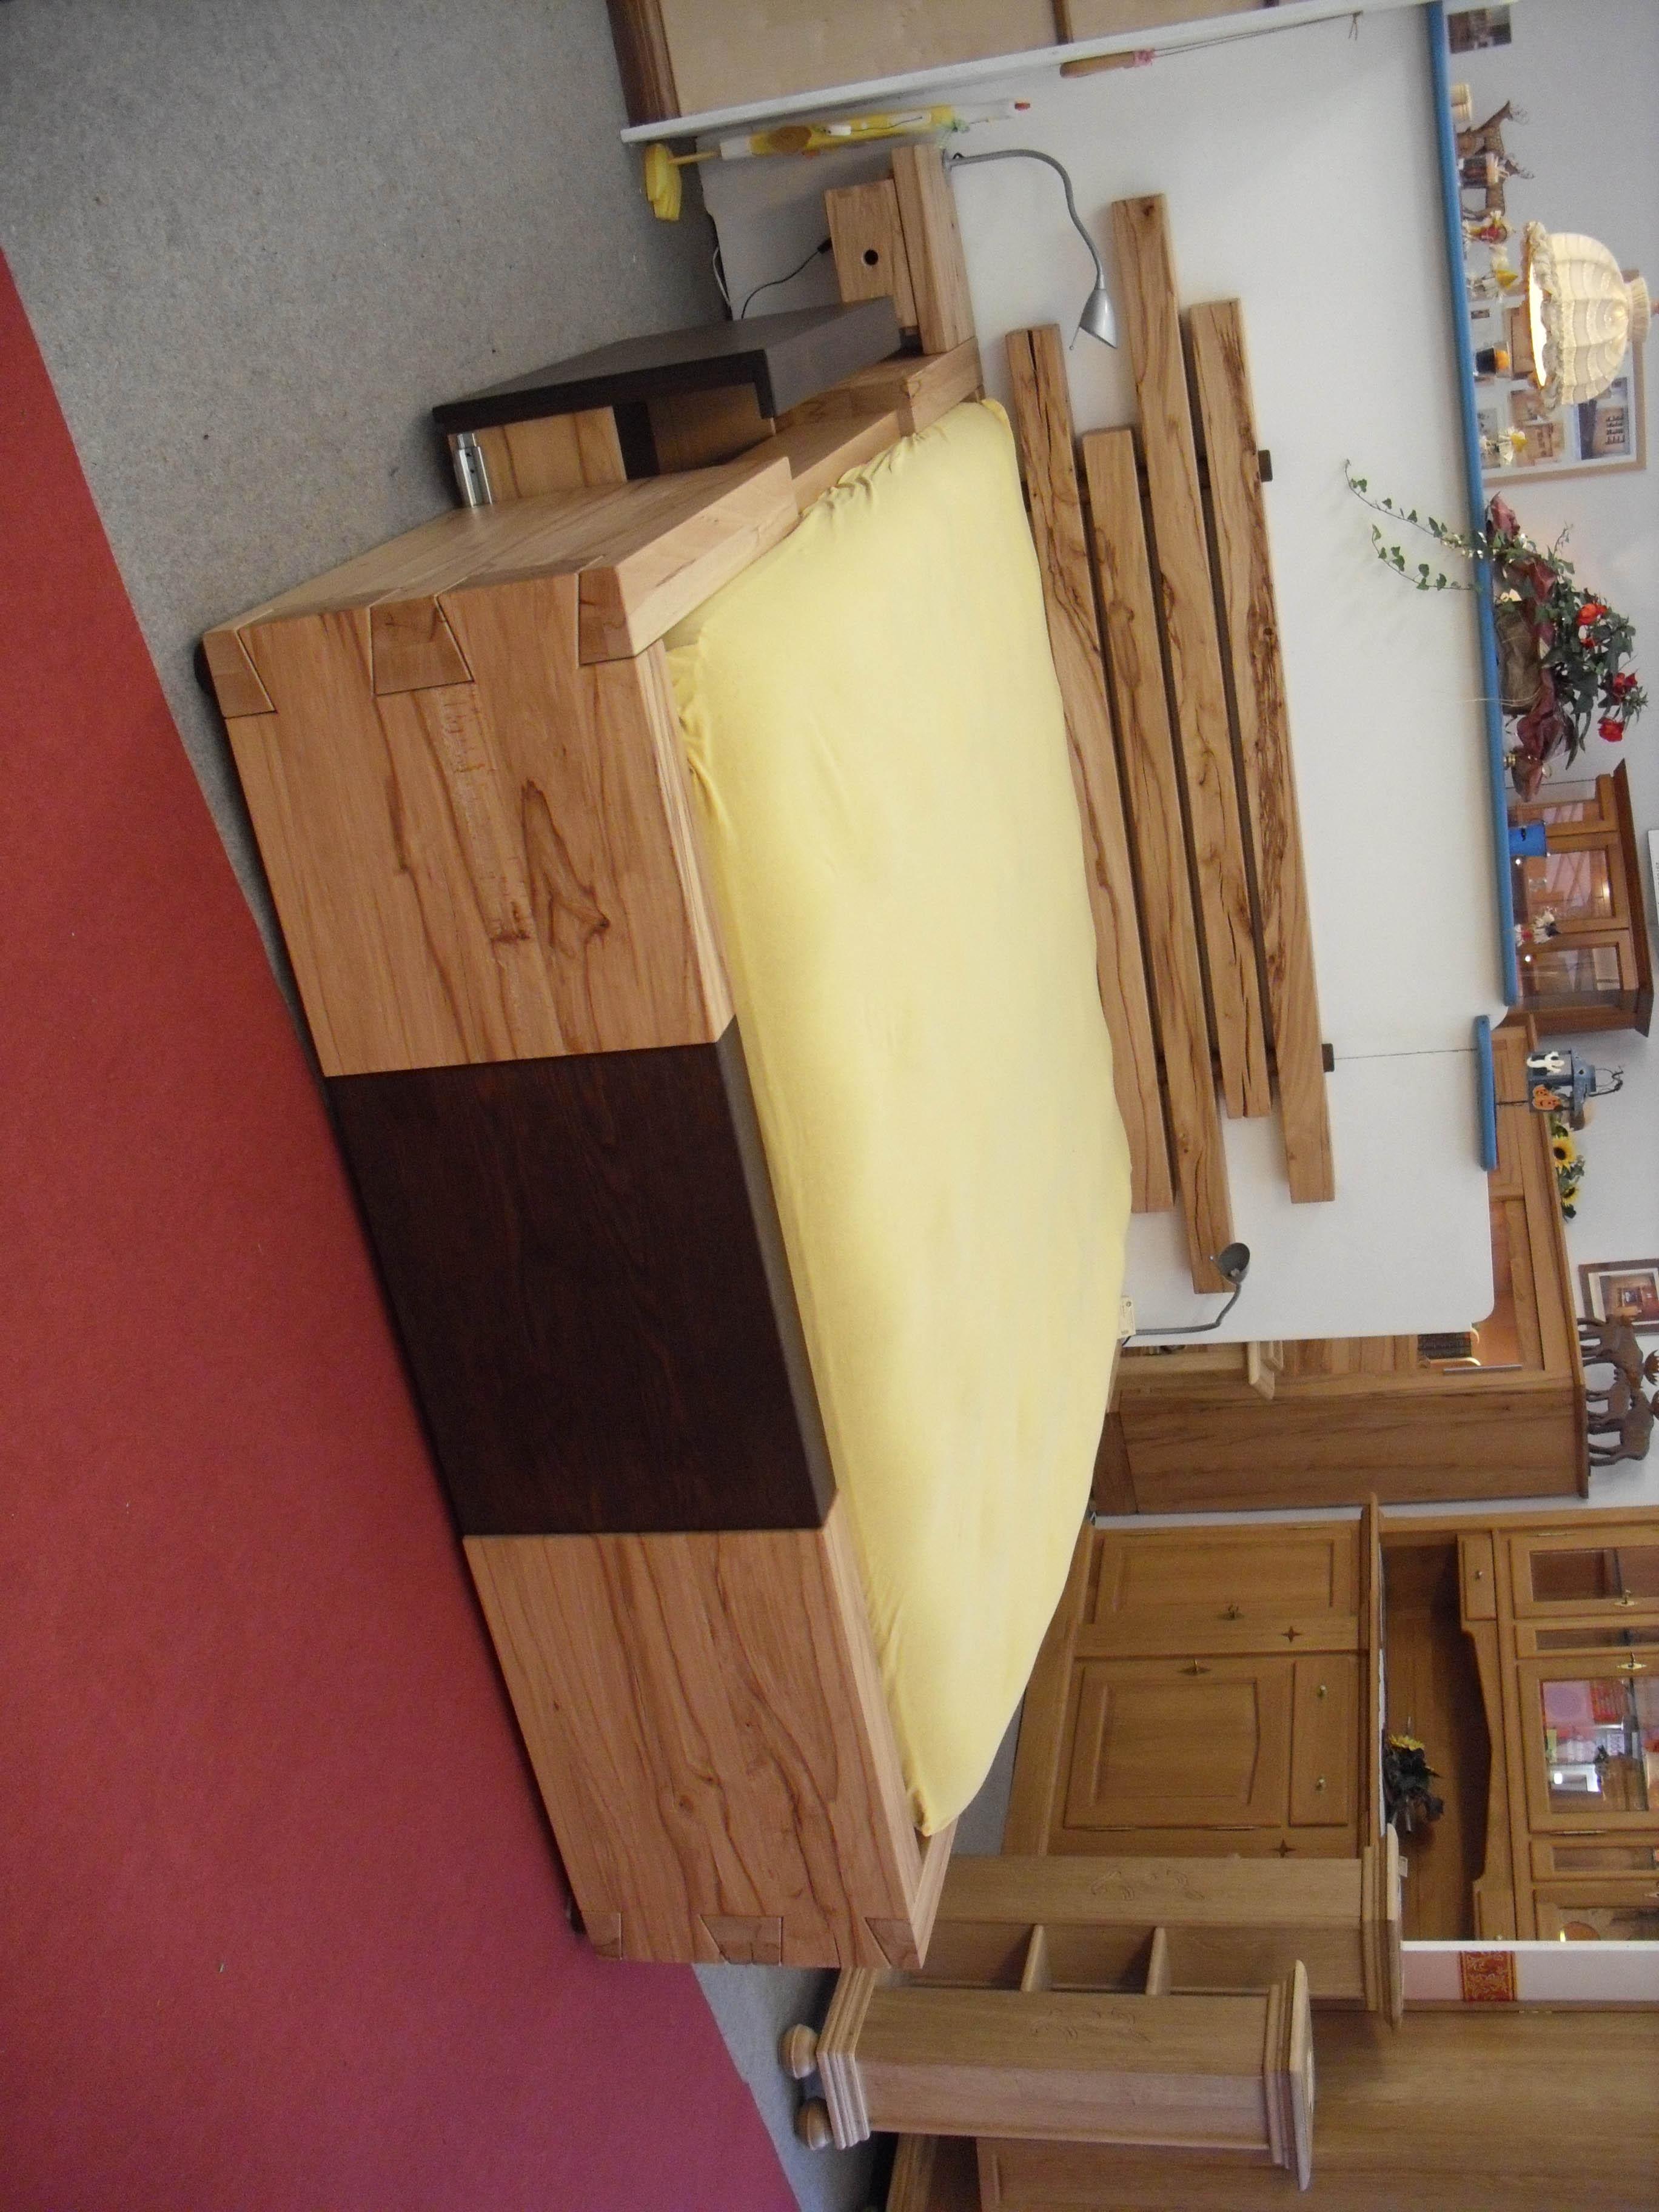 Moderne Möbel Bett zum Wohlfühlen - Tischlerei Brasch fertigt auch für Hamburg